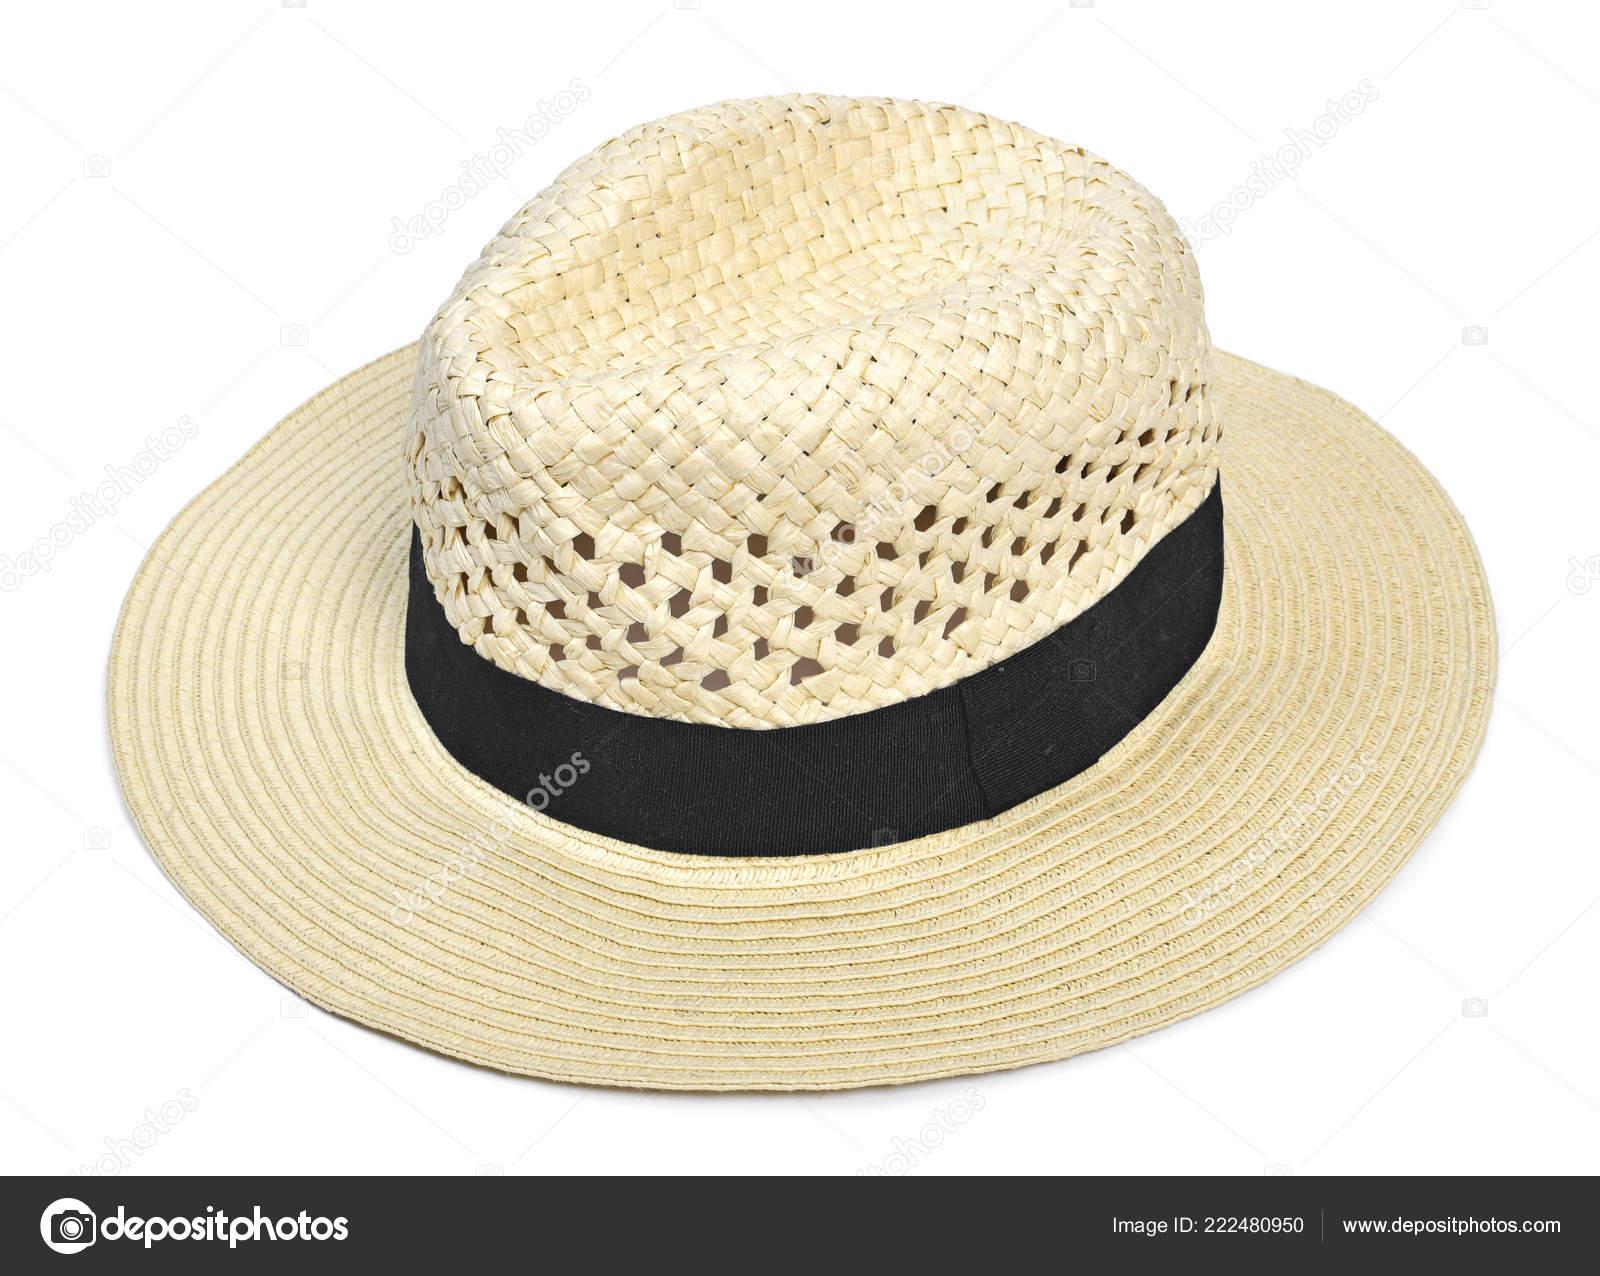 958b2141acb60 Sombrero Panamá Sombrero Verano Tradicional Con Cinta Del Sombrero Negro —  Fotos de Stock